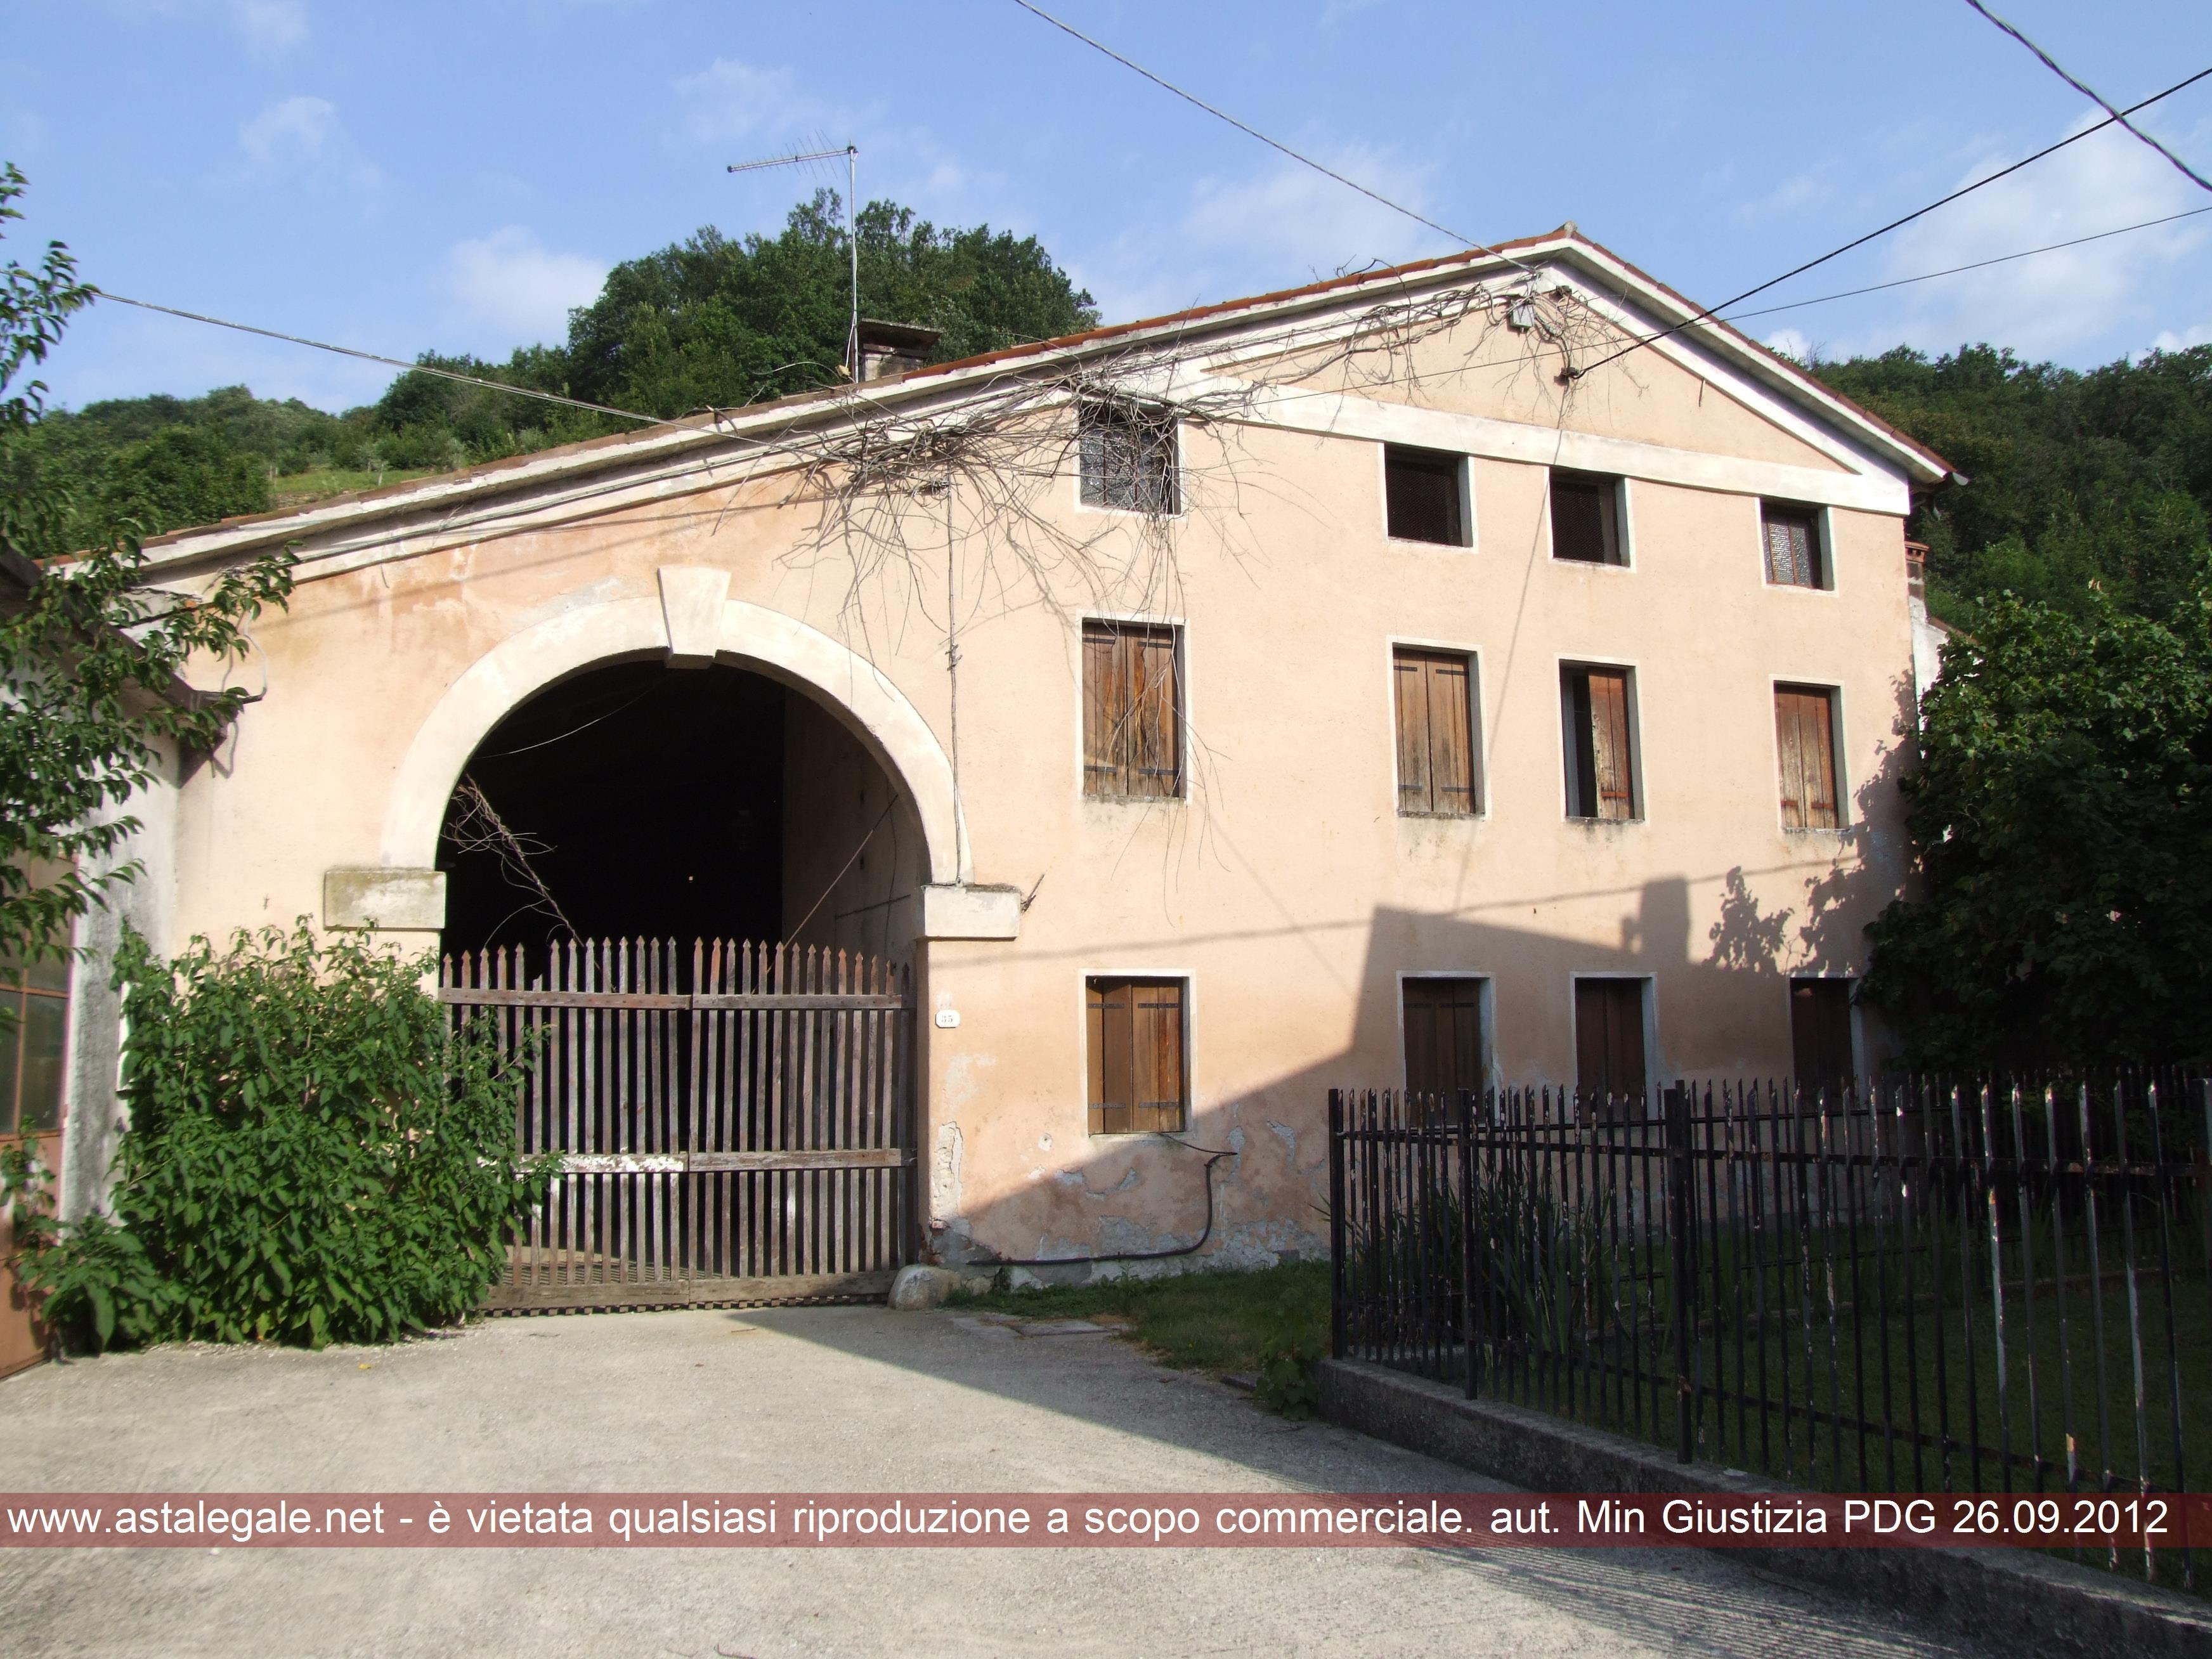 Marostica (VI) Via Salarola (lungo la strada che porta alla salita della Rosina)